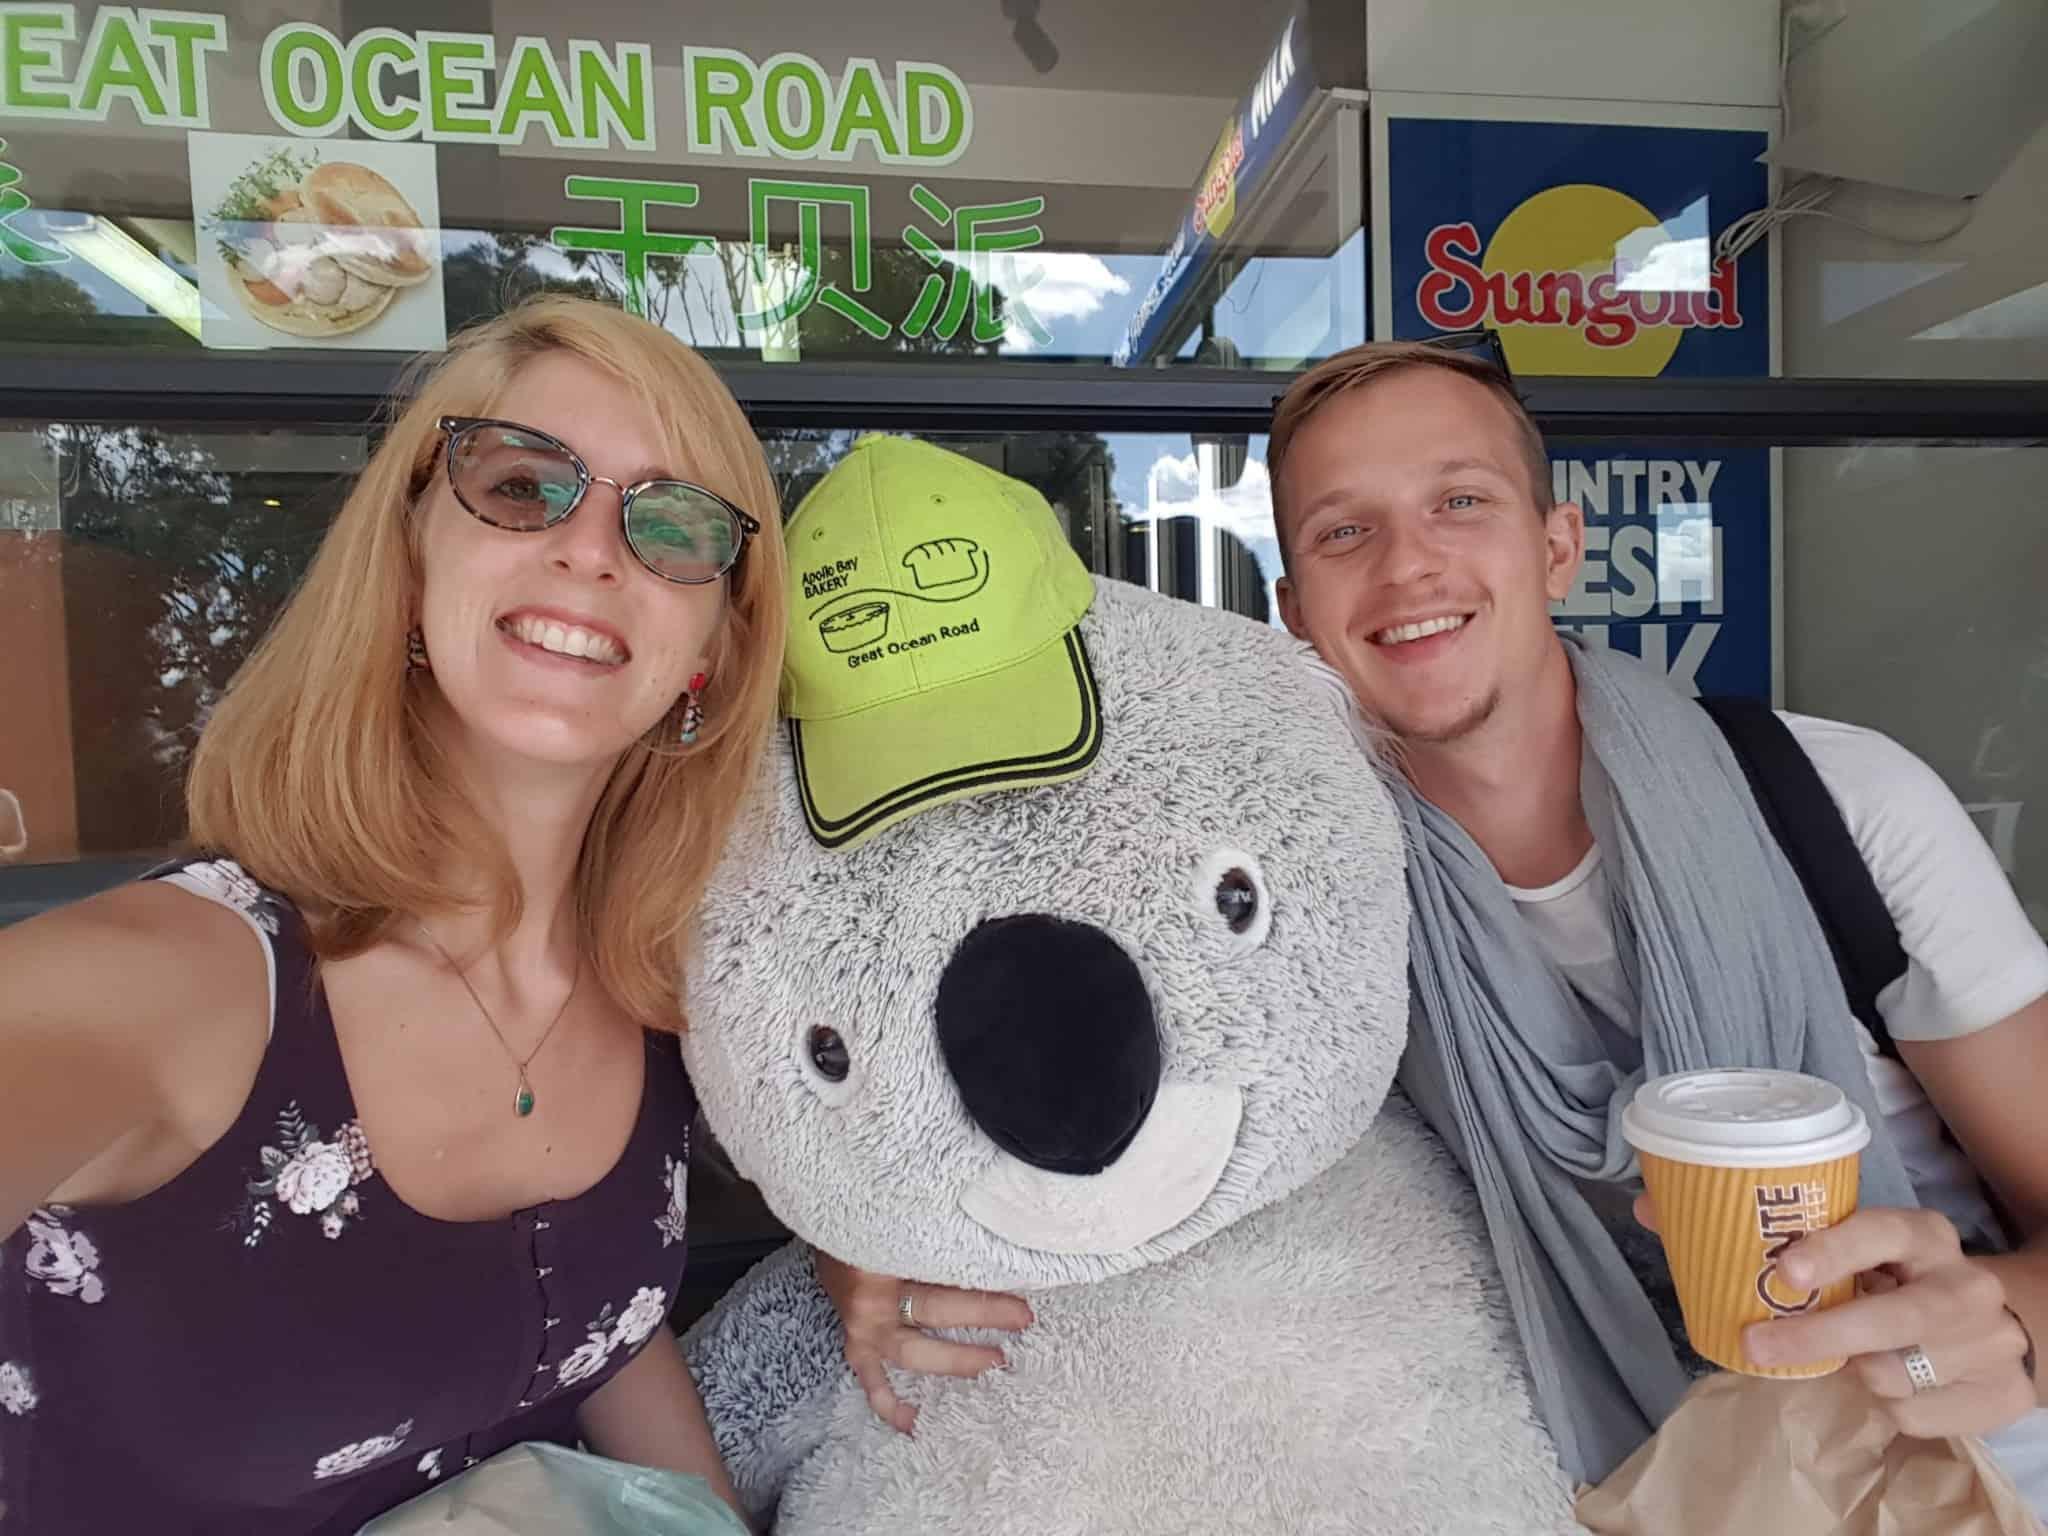 Australie, après 1 200 km de route on arrive à Melbourne 🏬 10